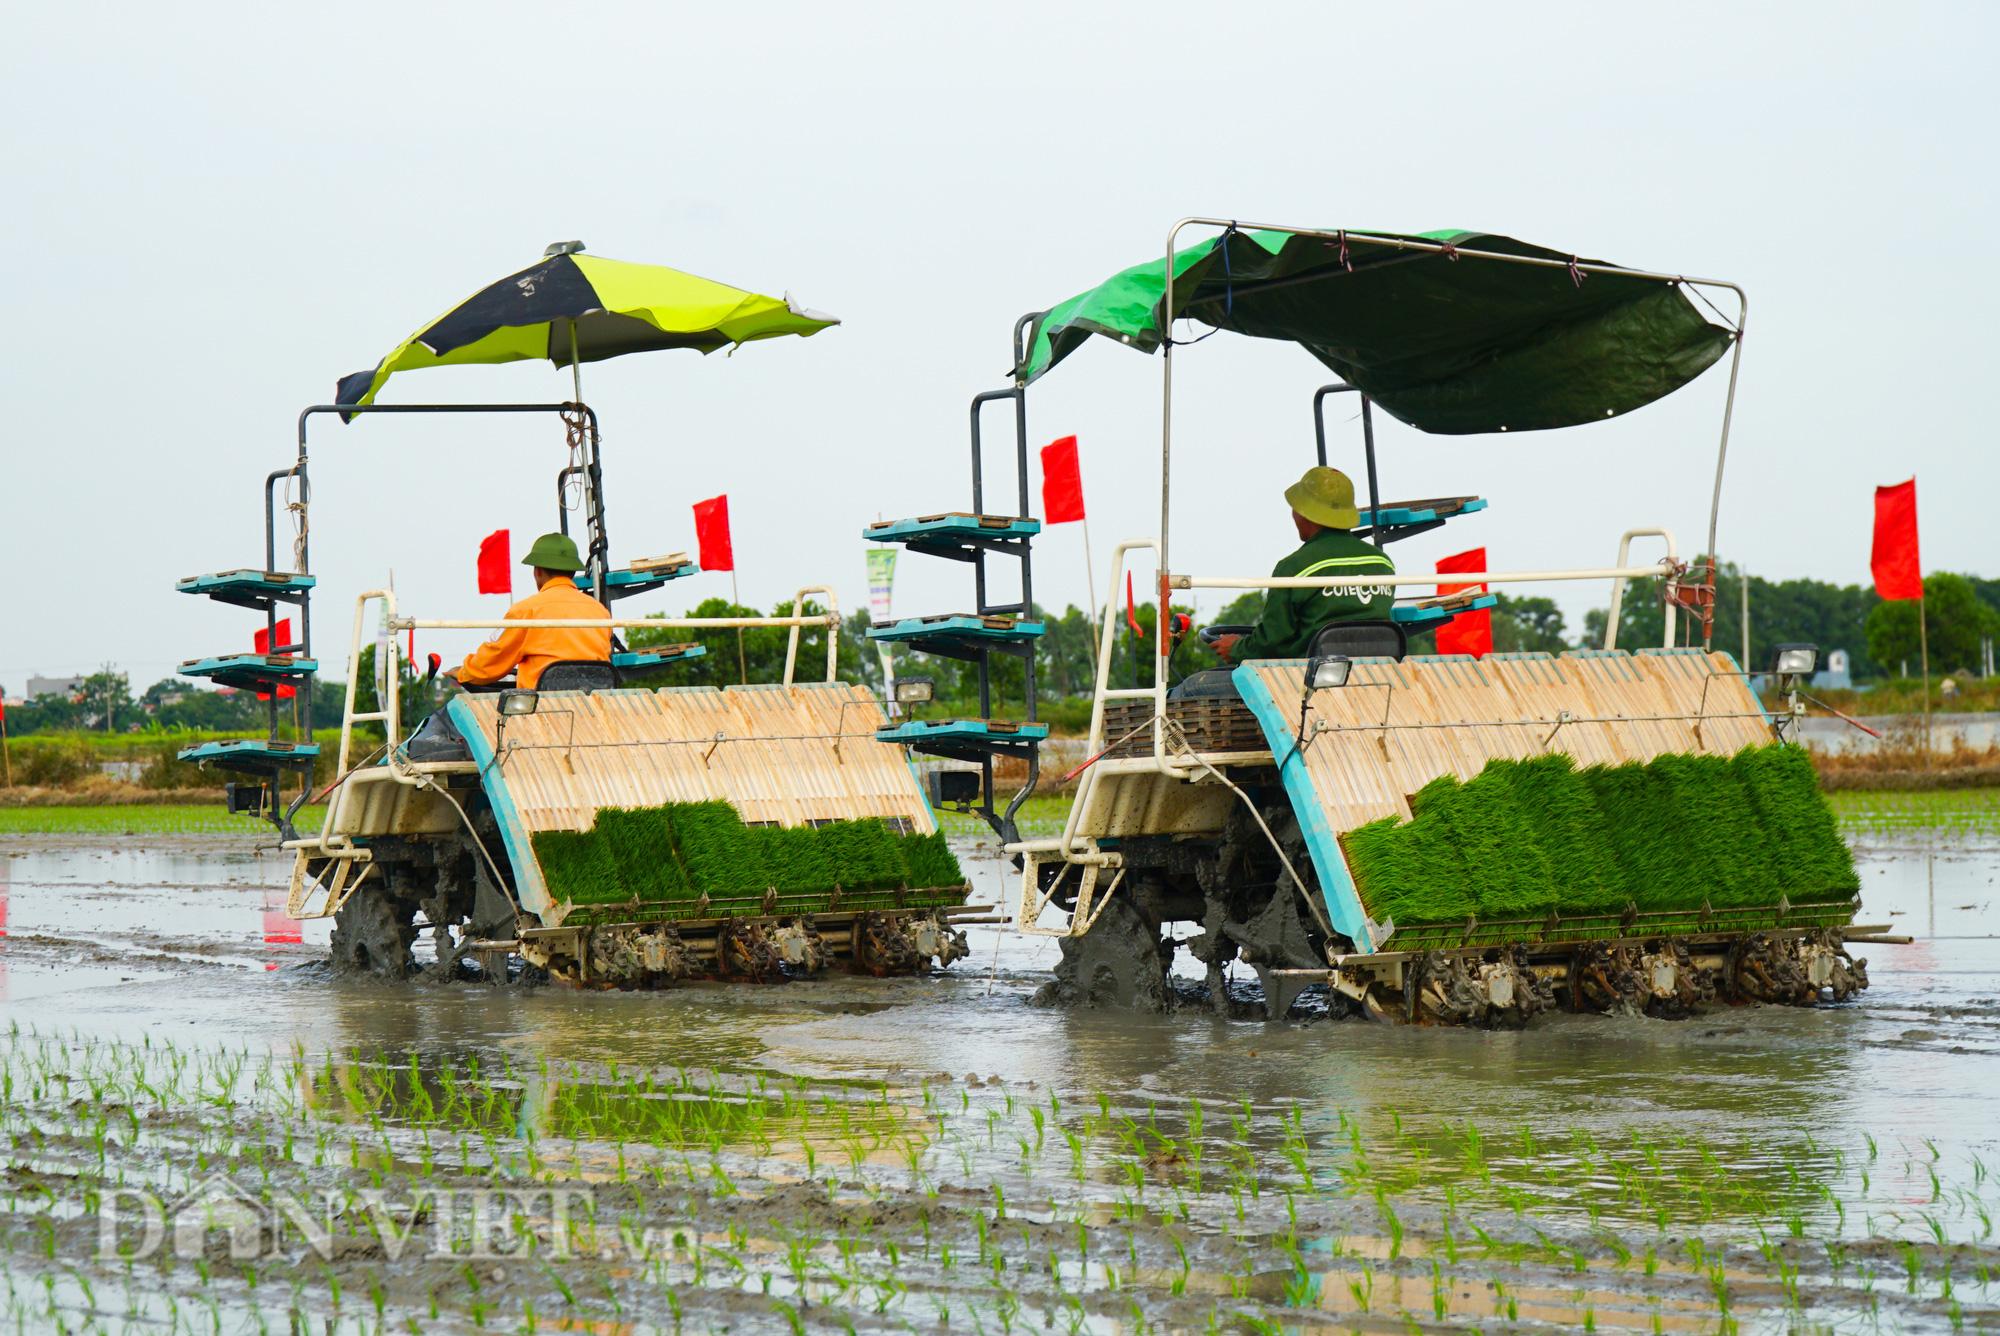 Hải Dương: Lần đầu tiên trình diễn máy cấy lúa trên đồng ruộng - Ảnh 8.